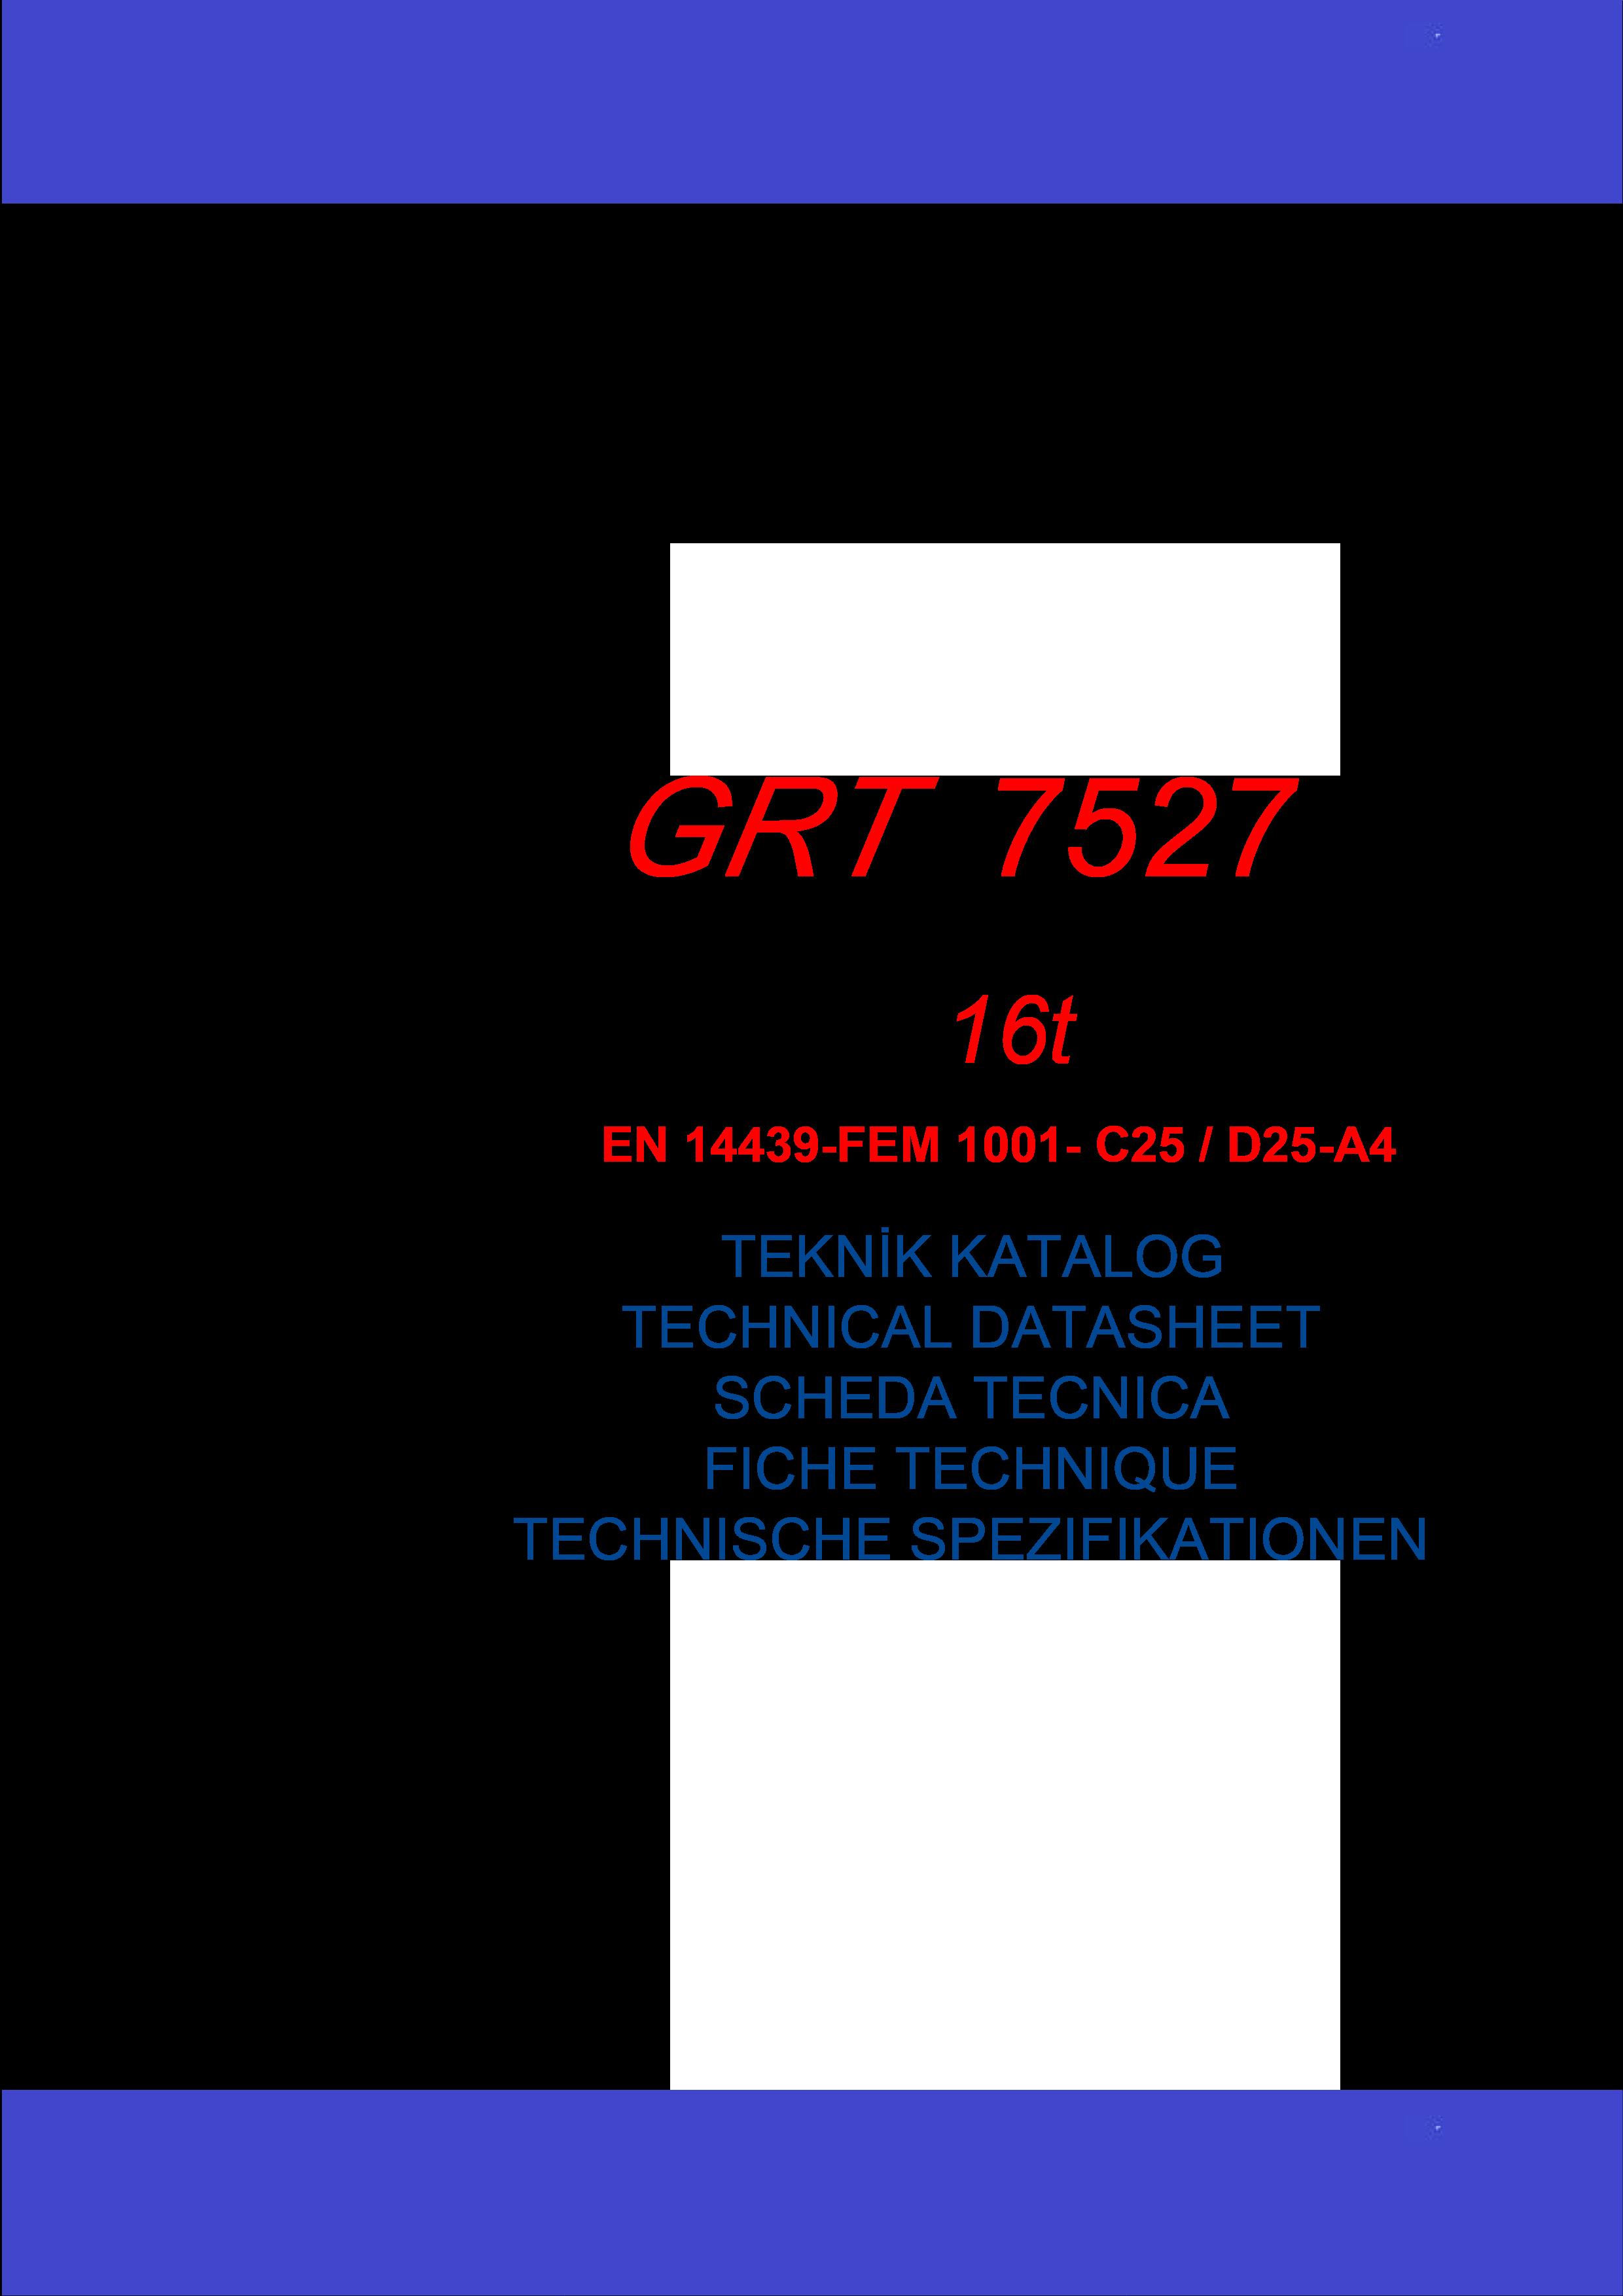 GRT-7527